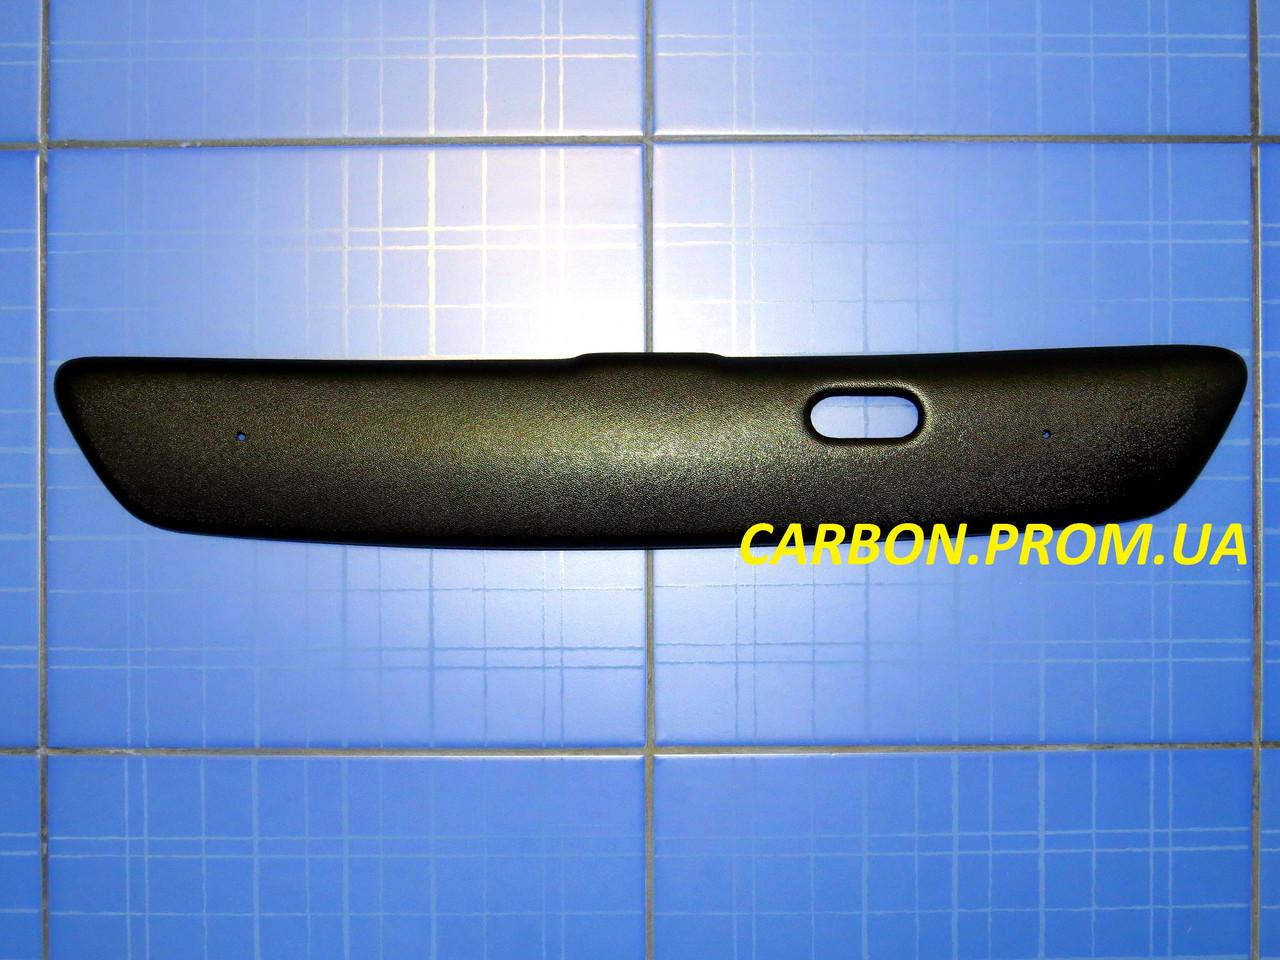 Зимова заглушка решітки радіатора Опель Астра G верх 1998-2008 матова Fly. Утеплювач решітки Opel Astra G